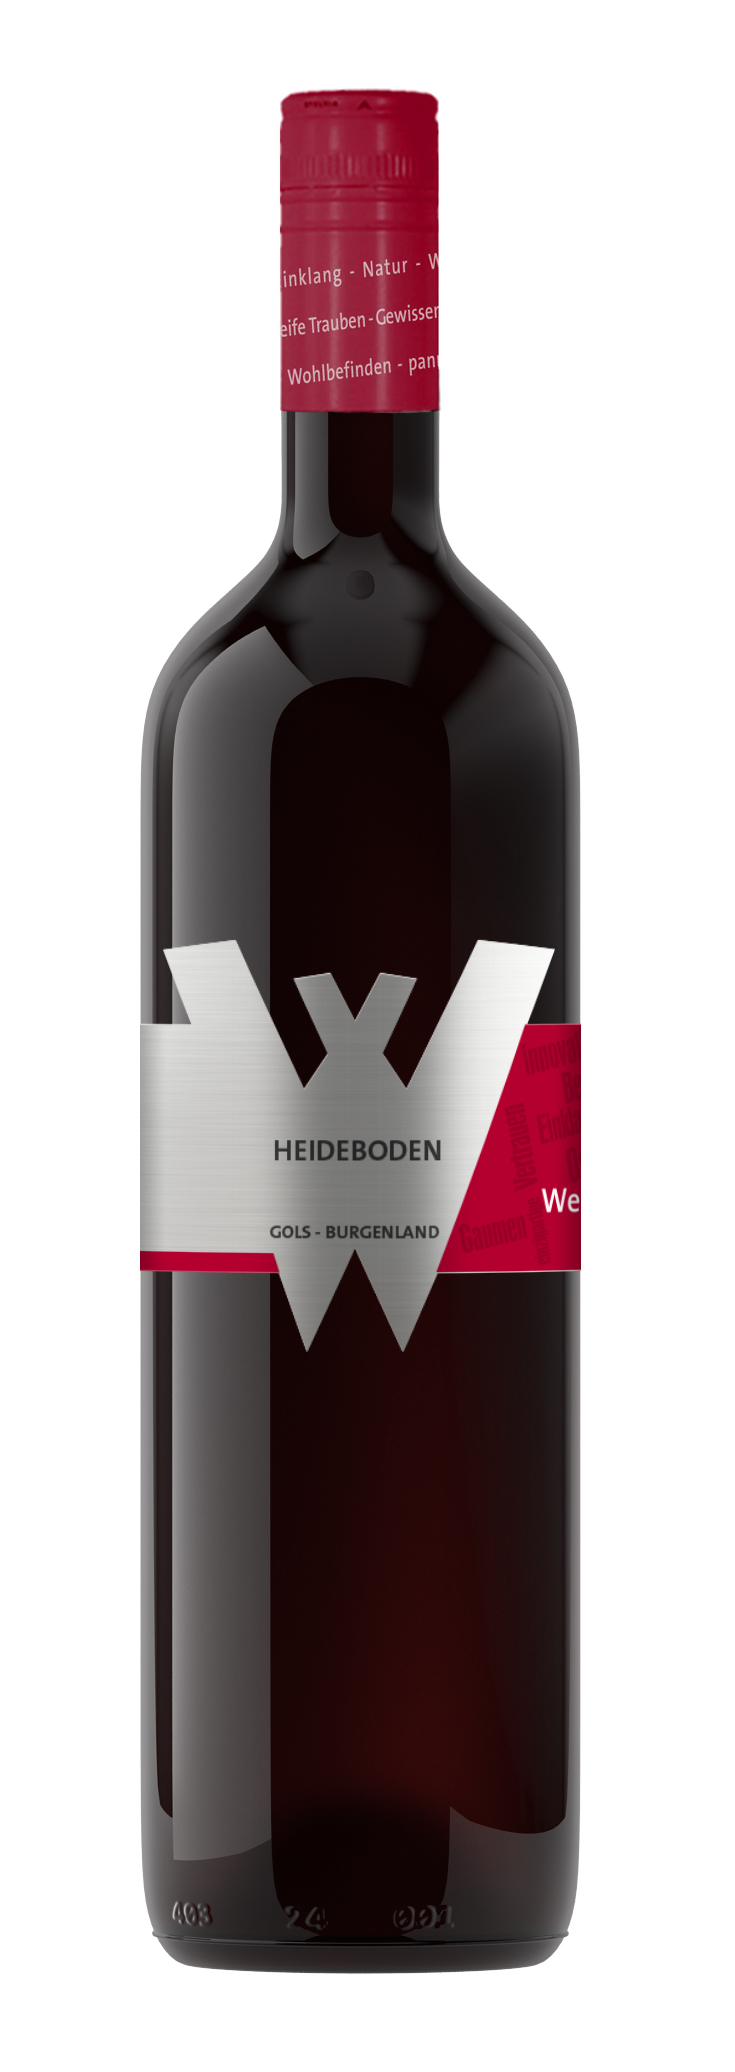 Heideboden rot - 2018